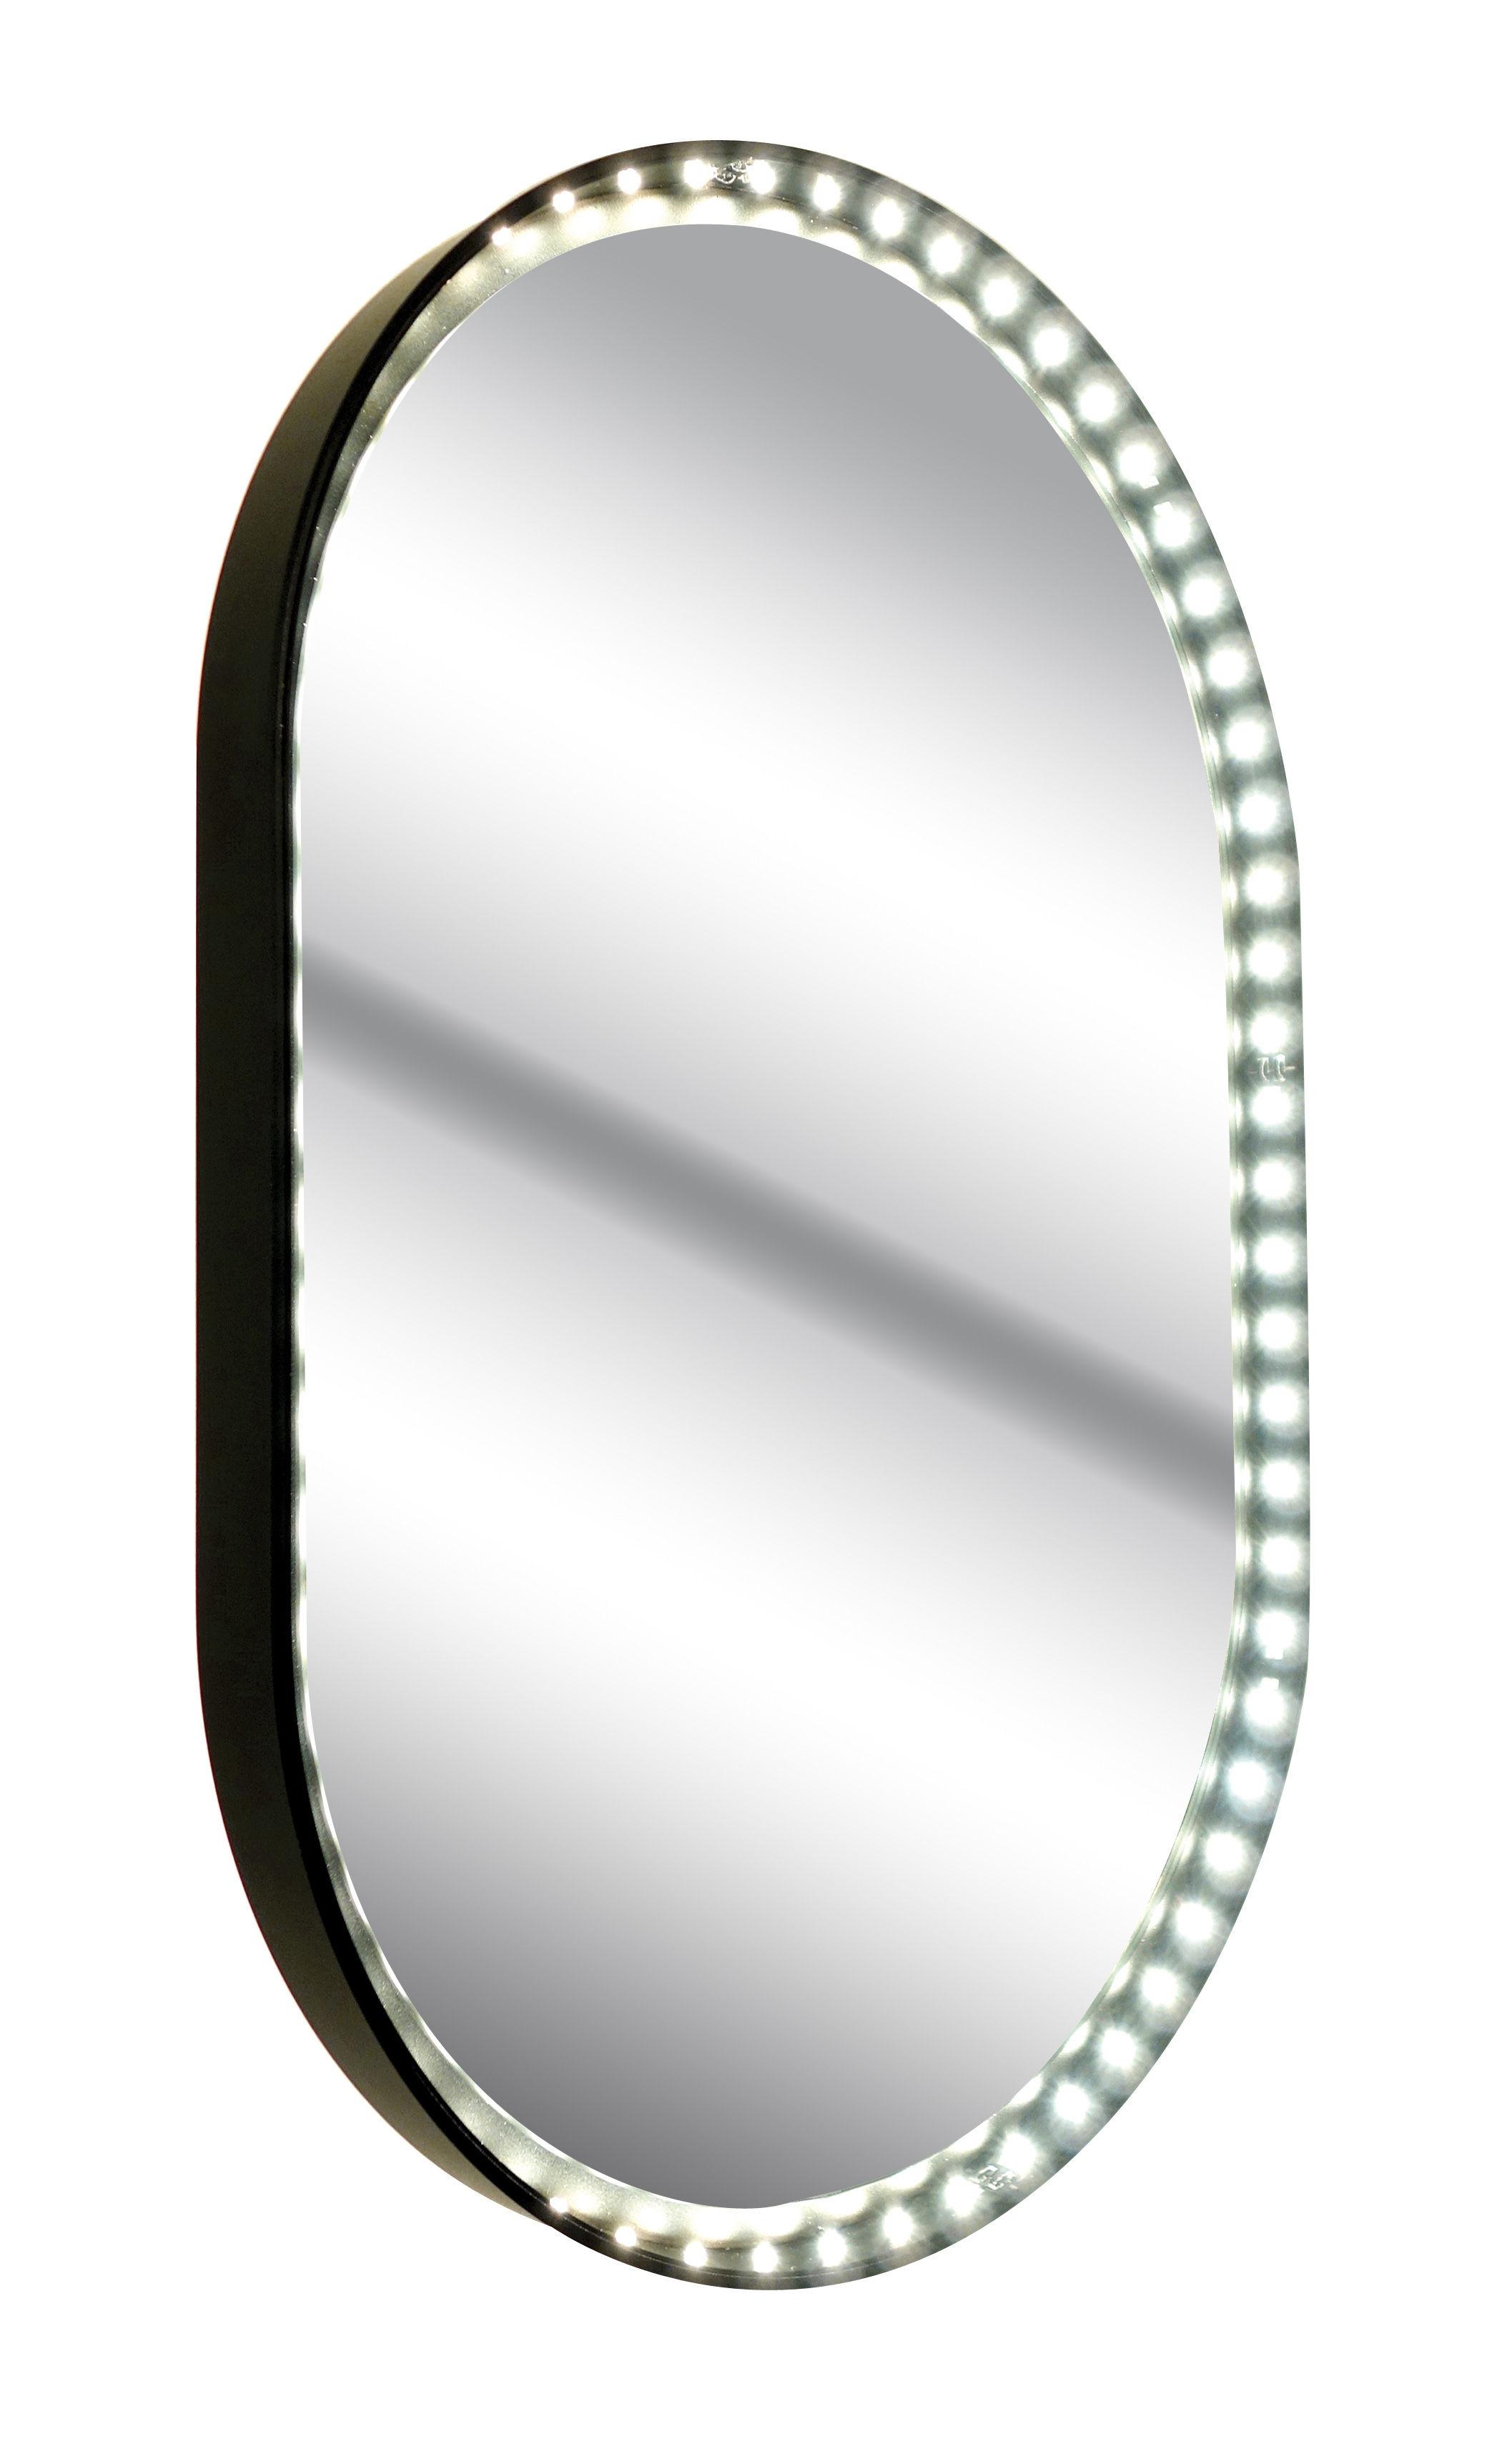 Leuchten - Pendelleuchten - Vanity Oval S Wandleuchte / Spiegel - LED - H 48 cm - Le Deun - Schwarz - Spiegel-Finish, Stahl